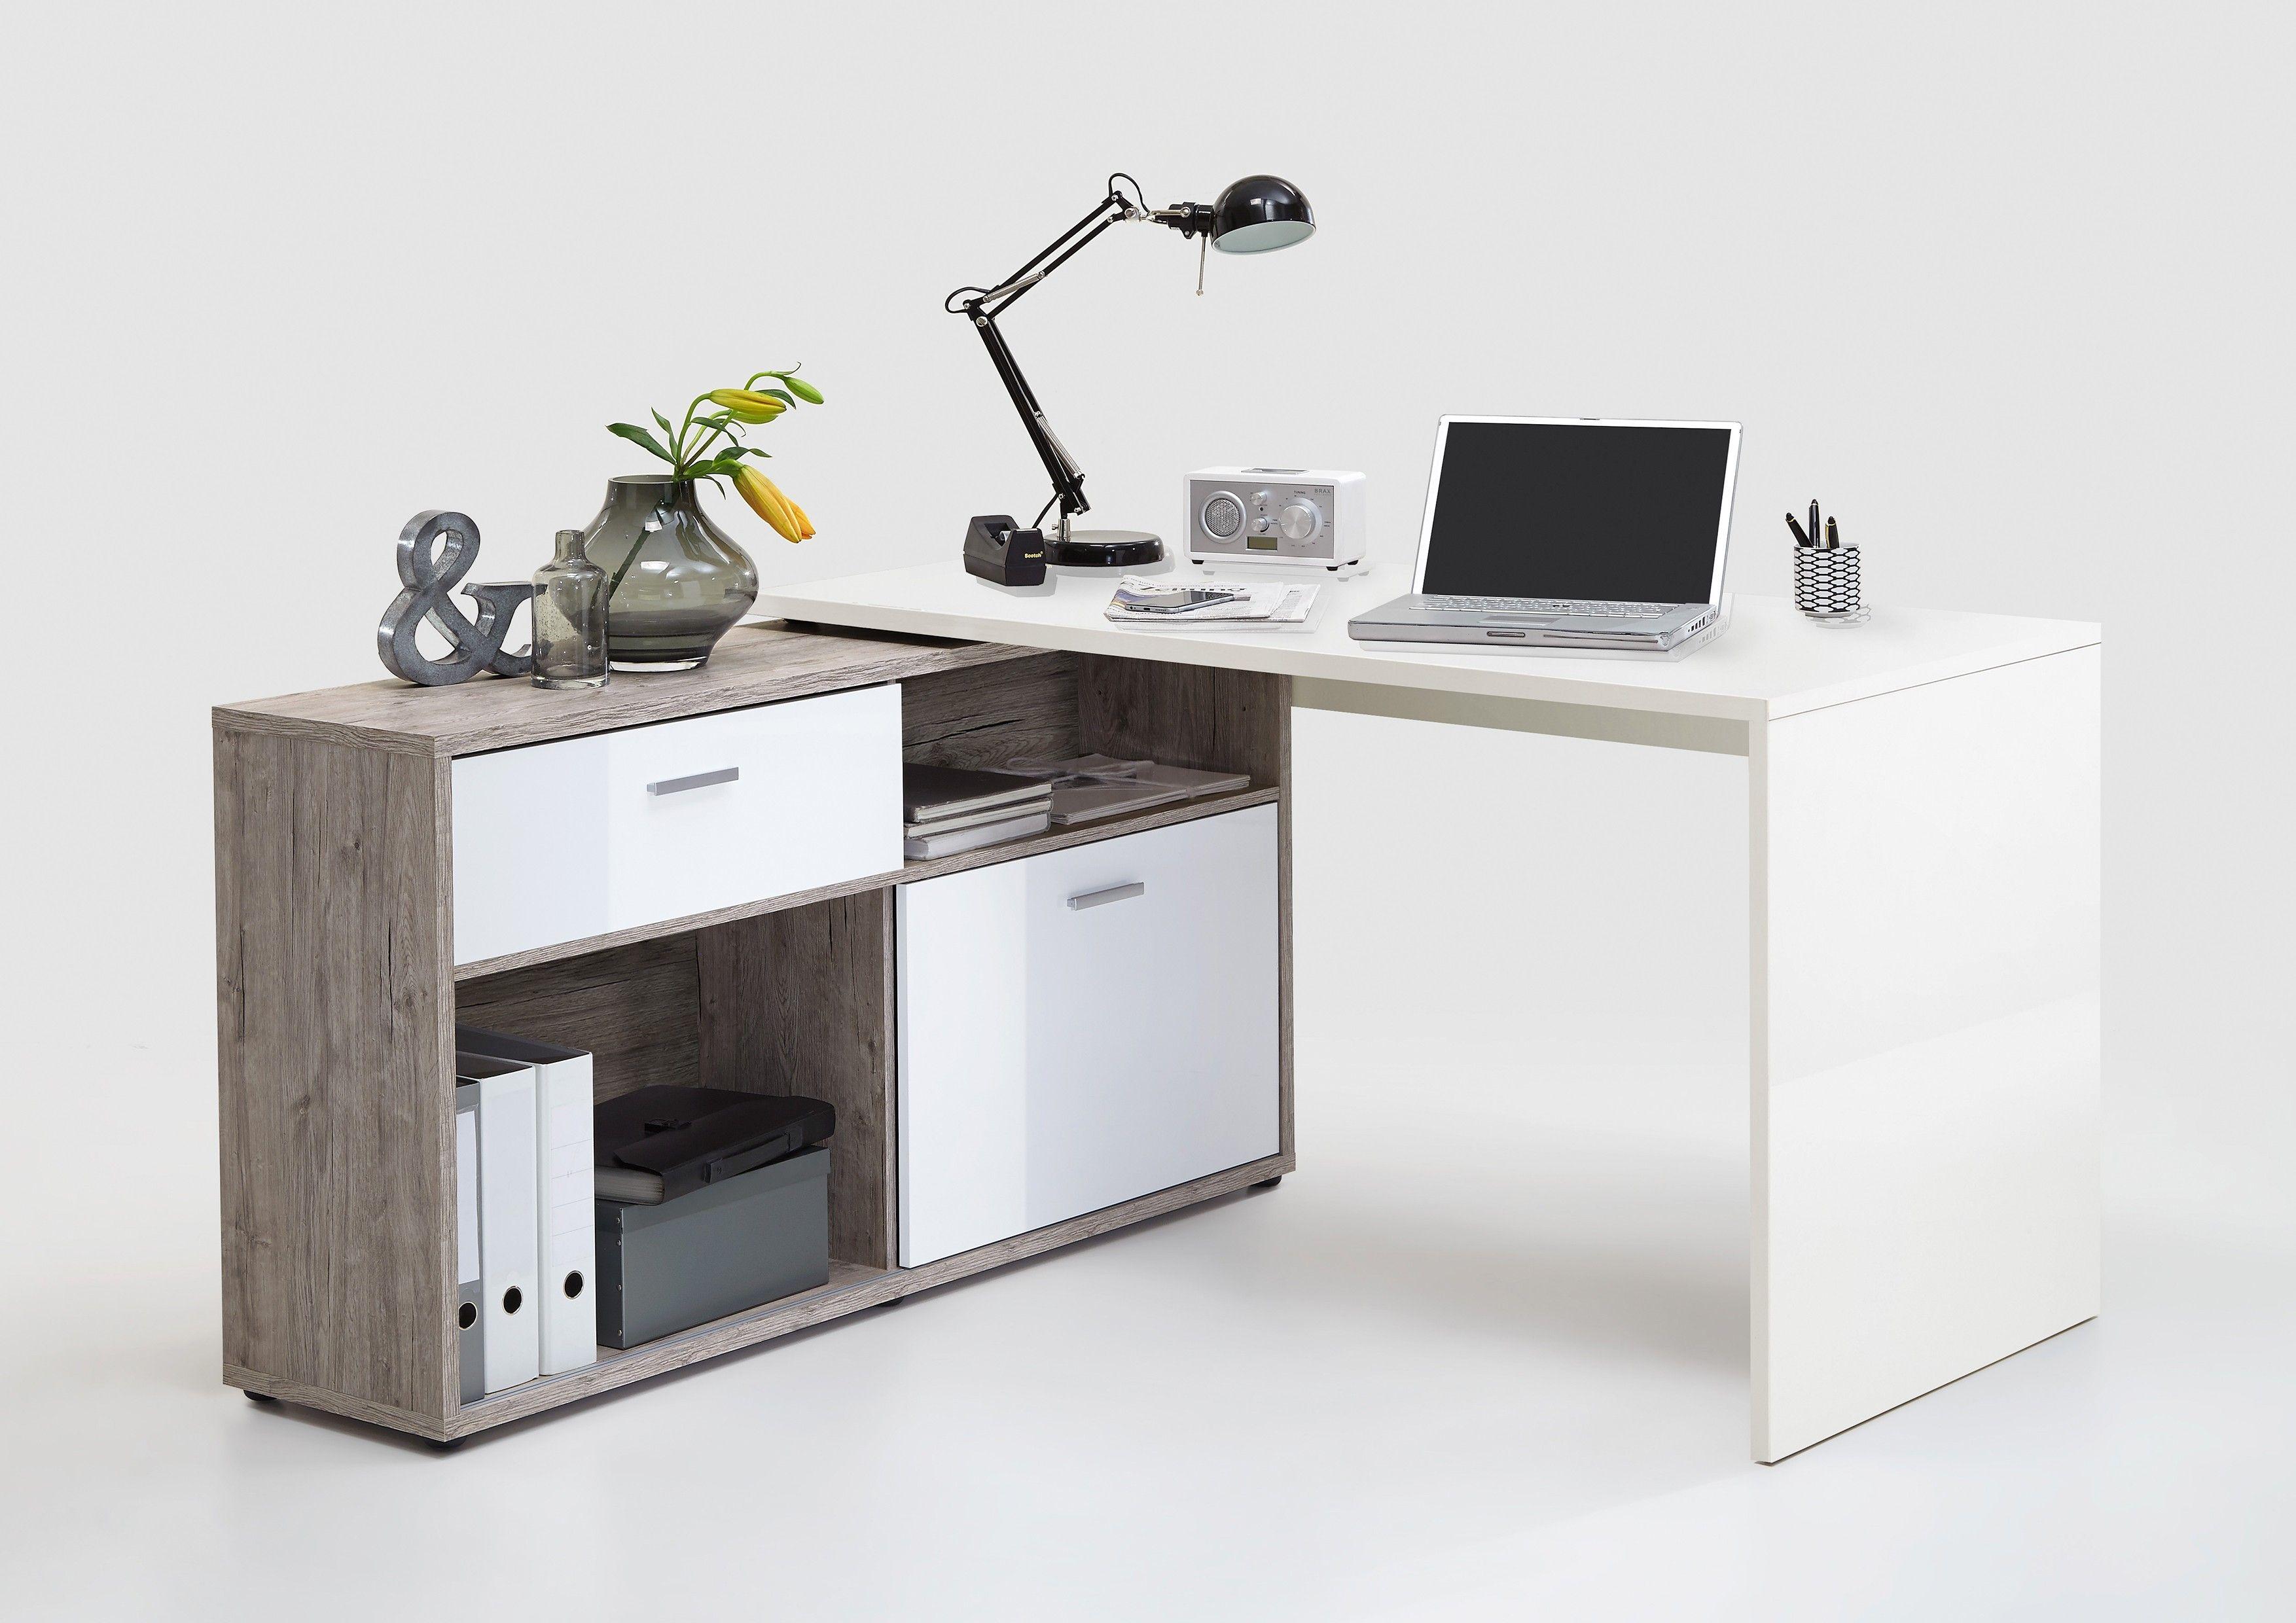 Bureau Enfant 2 Ans bureau d'angle diego - blanc brillant/chêne gris